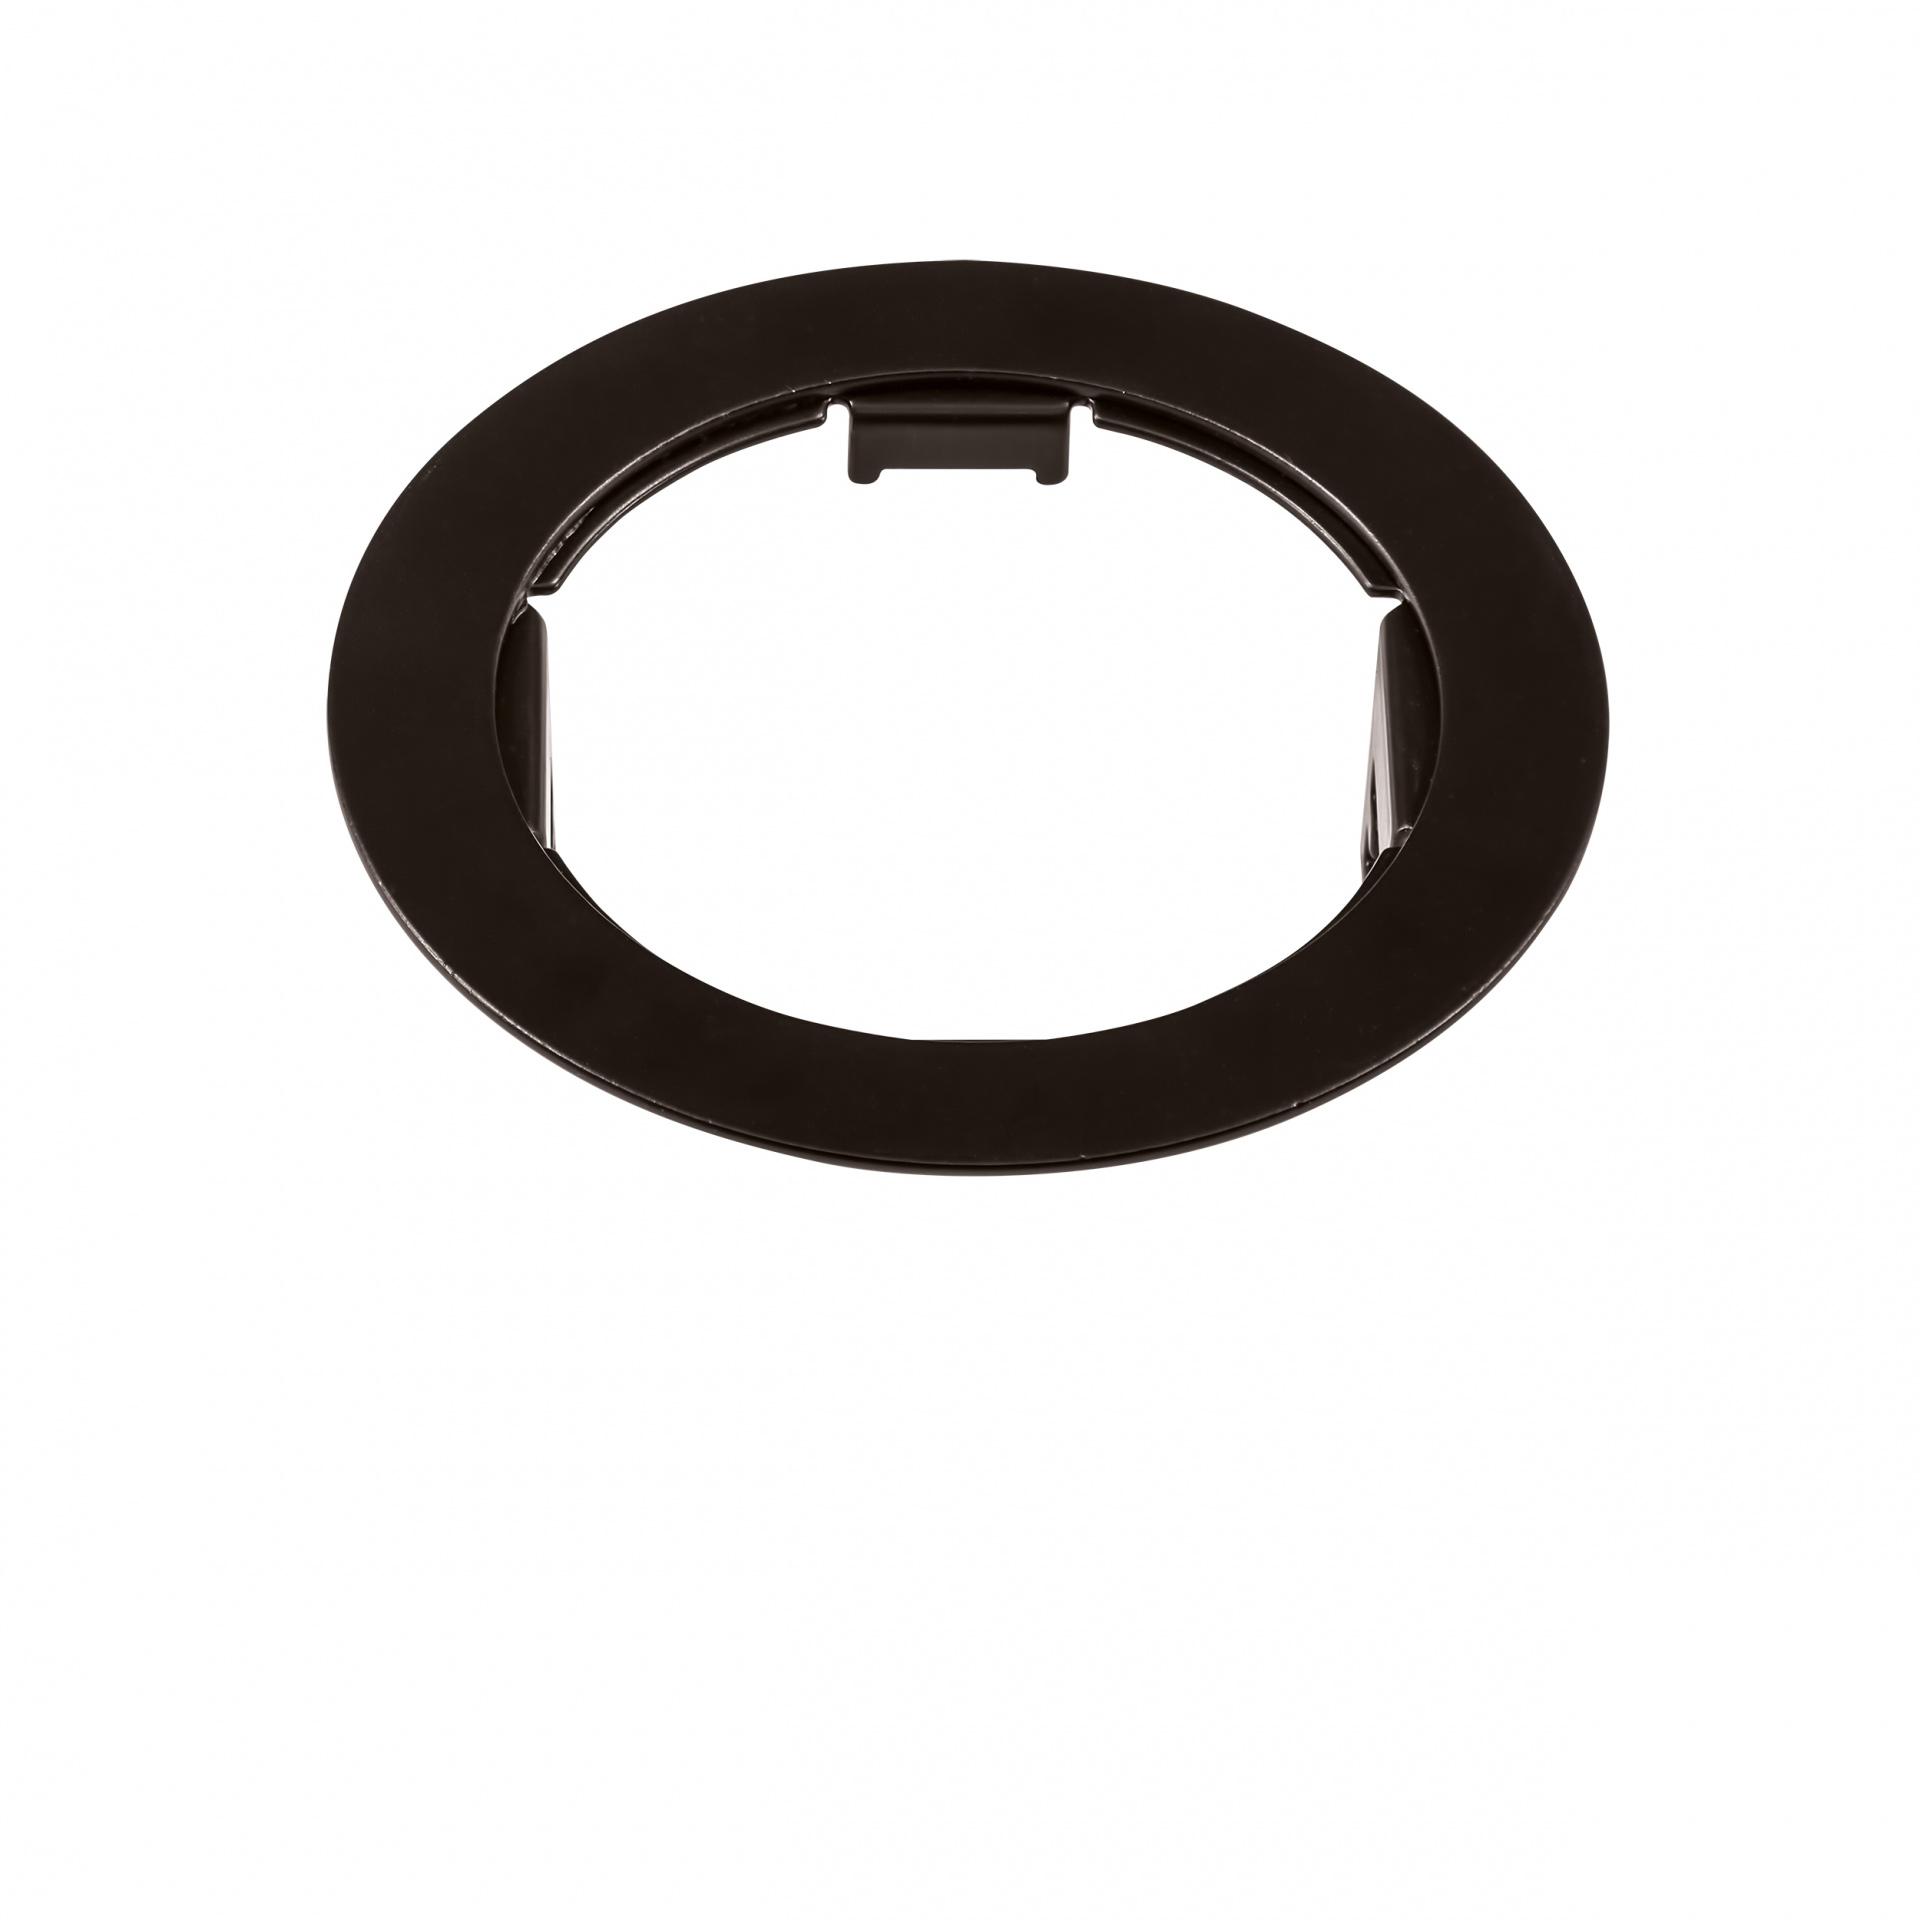 Рамка Domino round МR16 черный Lightstar 214617, купить в СПб, Москве, с доставкой, Санкт-Петербург, интернет-магазин люстр и светильников Starlight, фото в жизни